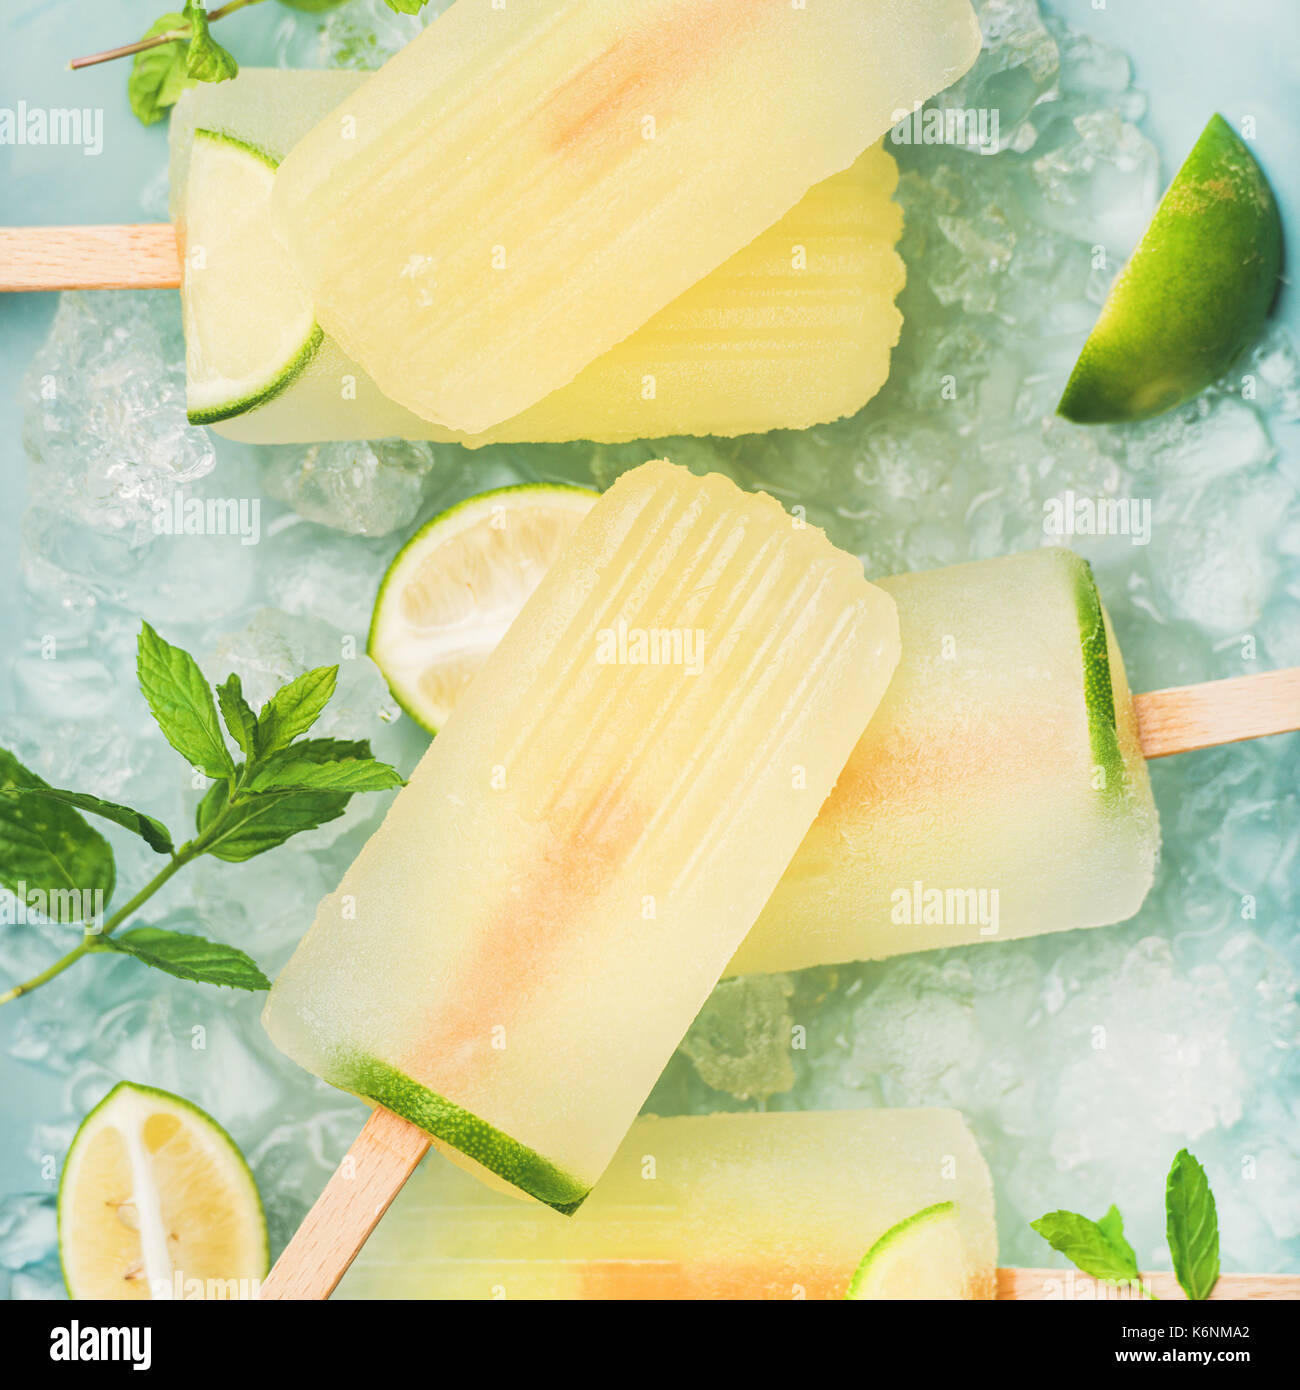 Verano refrescante limonada paletas con limón y menta con hielo astillada sobre fondo azul, vista superior, recortar cuadrados Imagen De Stock